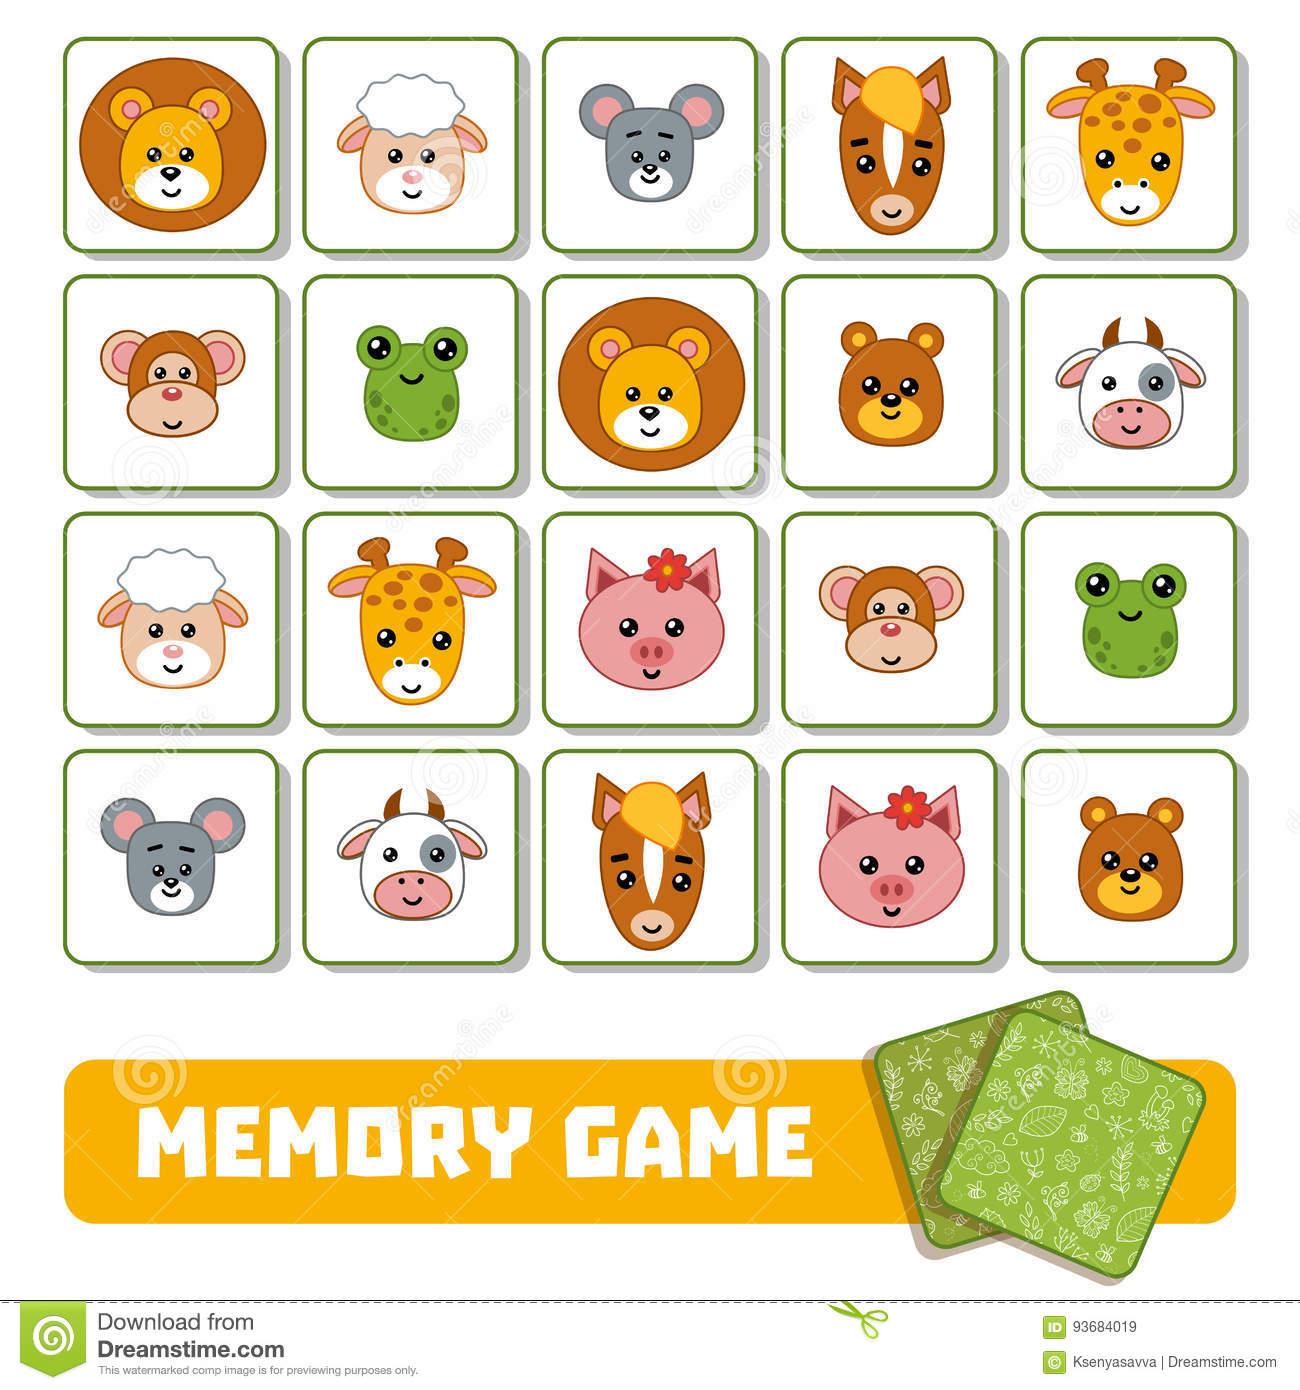 Jeu De Mémoire Pour Les Enfants, Cartes Avec Des Animaux destiné Jeux De Memory Pour Enfants